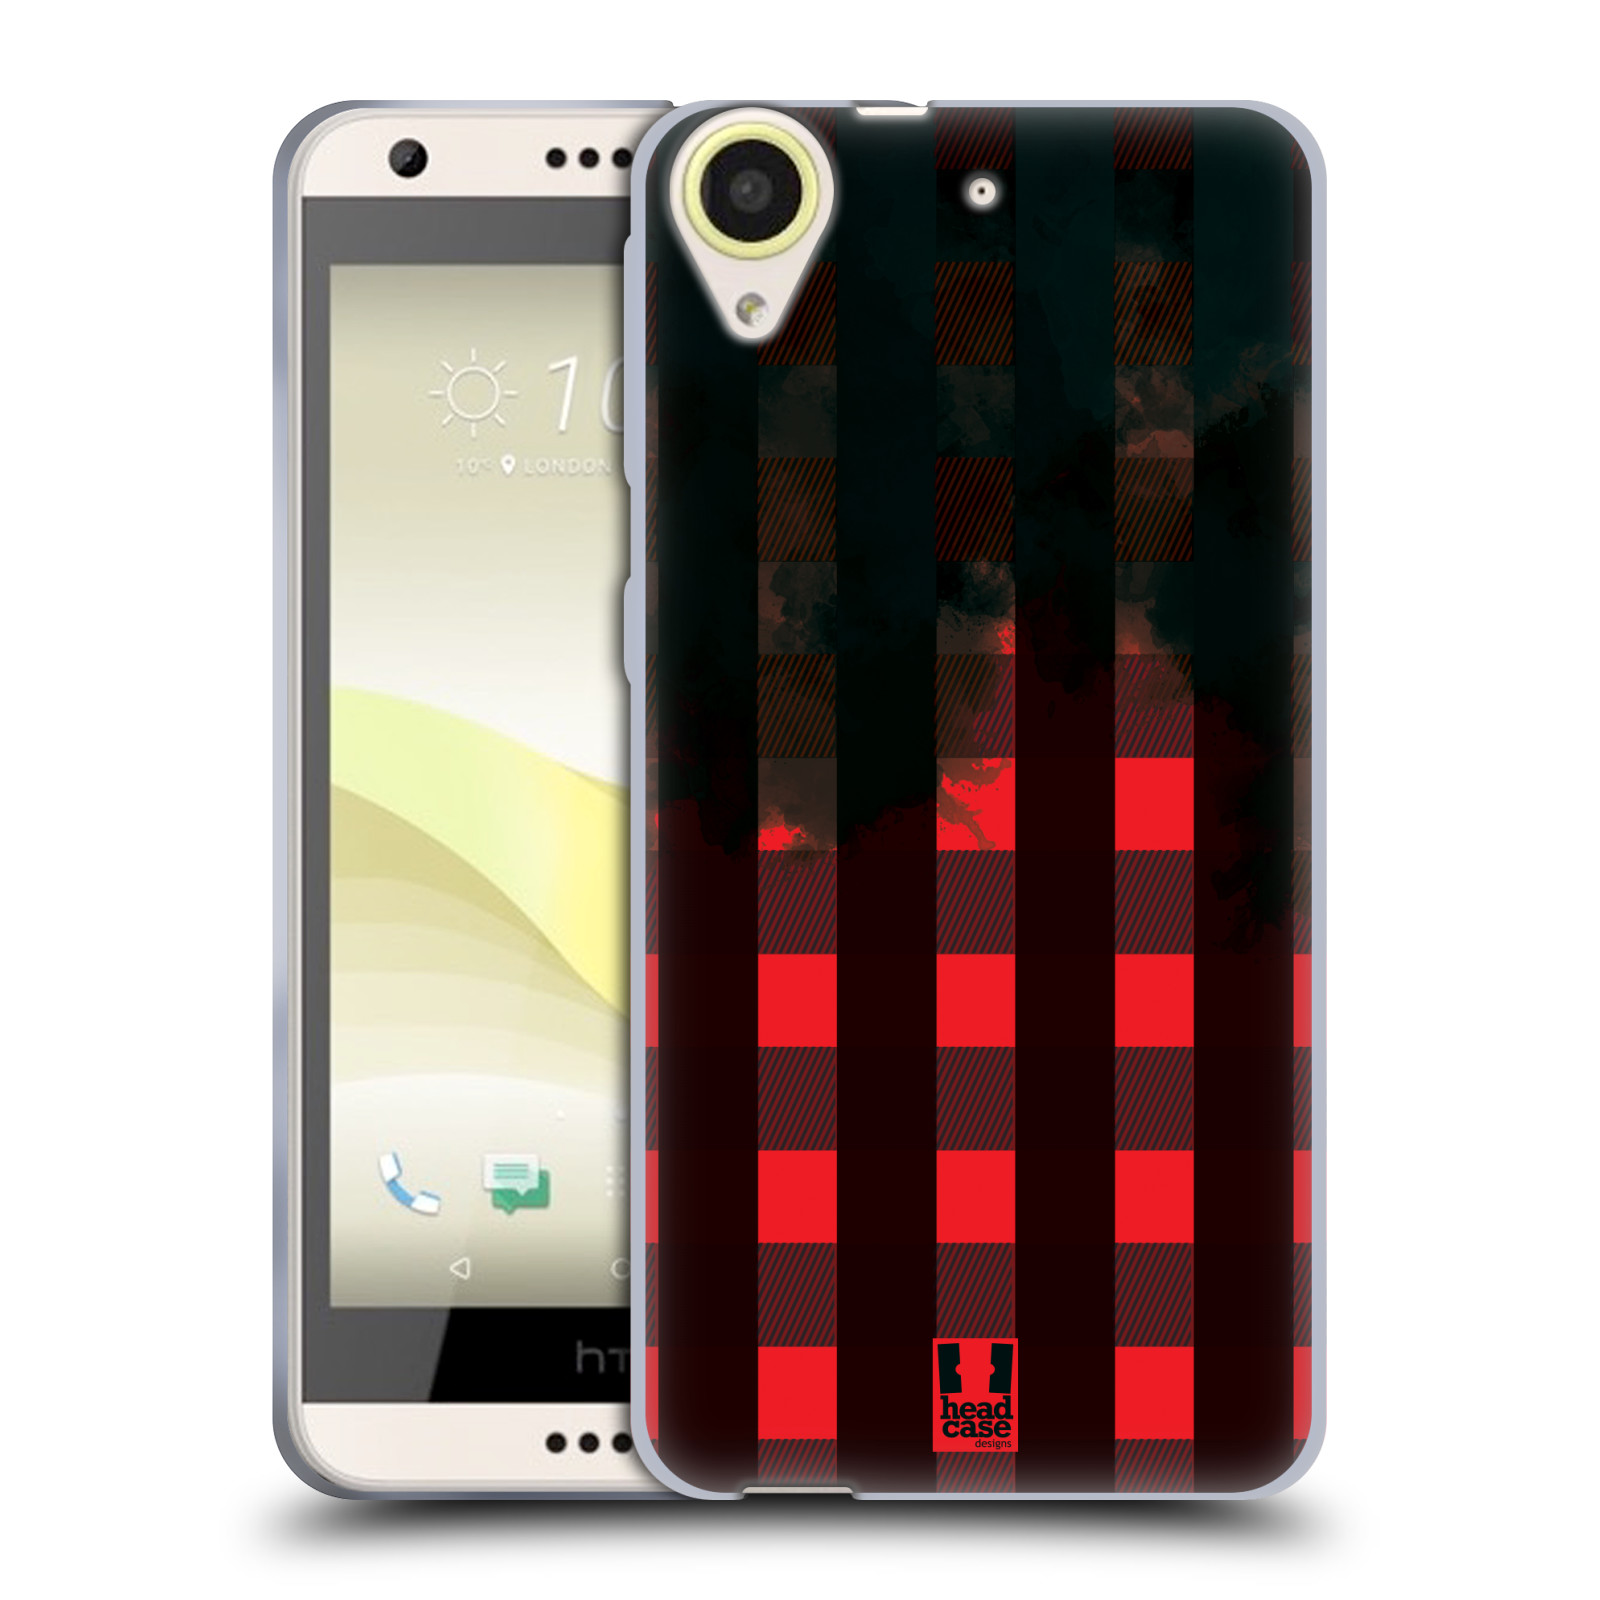 Silikonové pouzdro na mobil HTC Desire 650 HEAD CASE FLANEL RED BLACK (Silikonový kryt či obal na mobilní telefon HTC Desire 650)